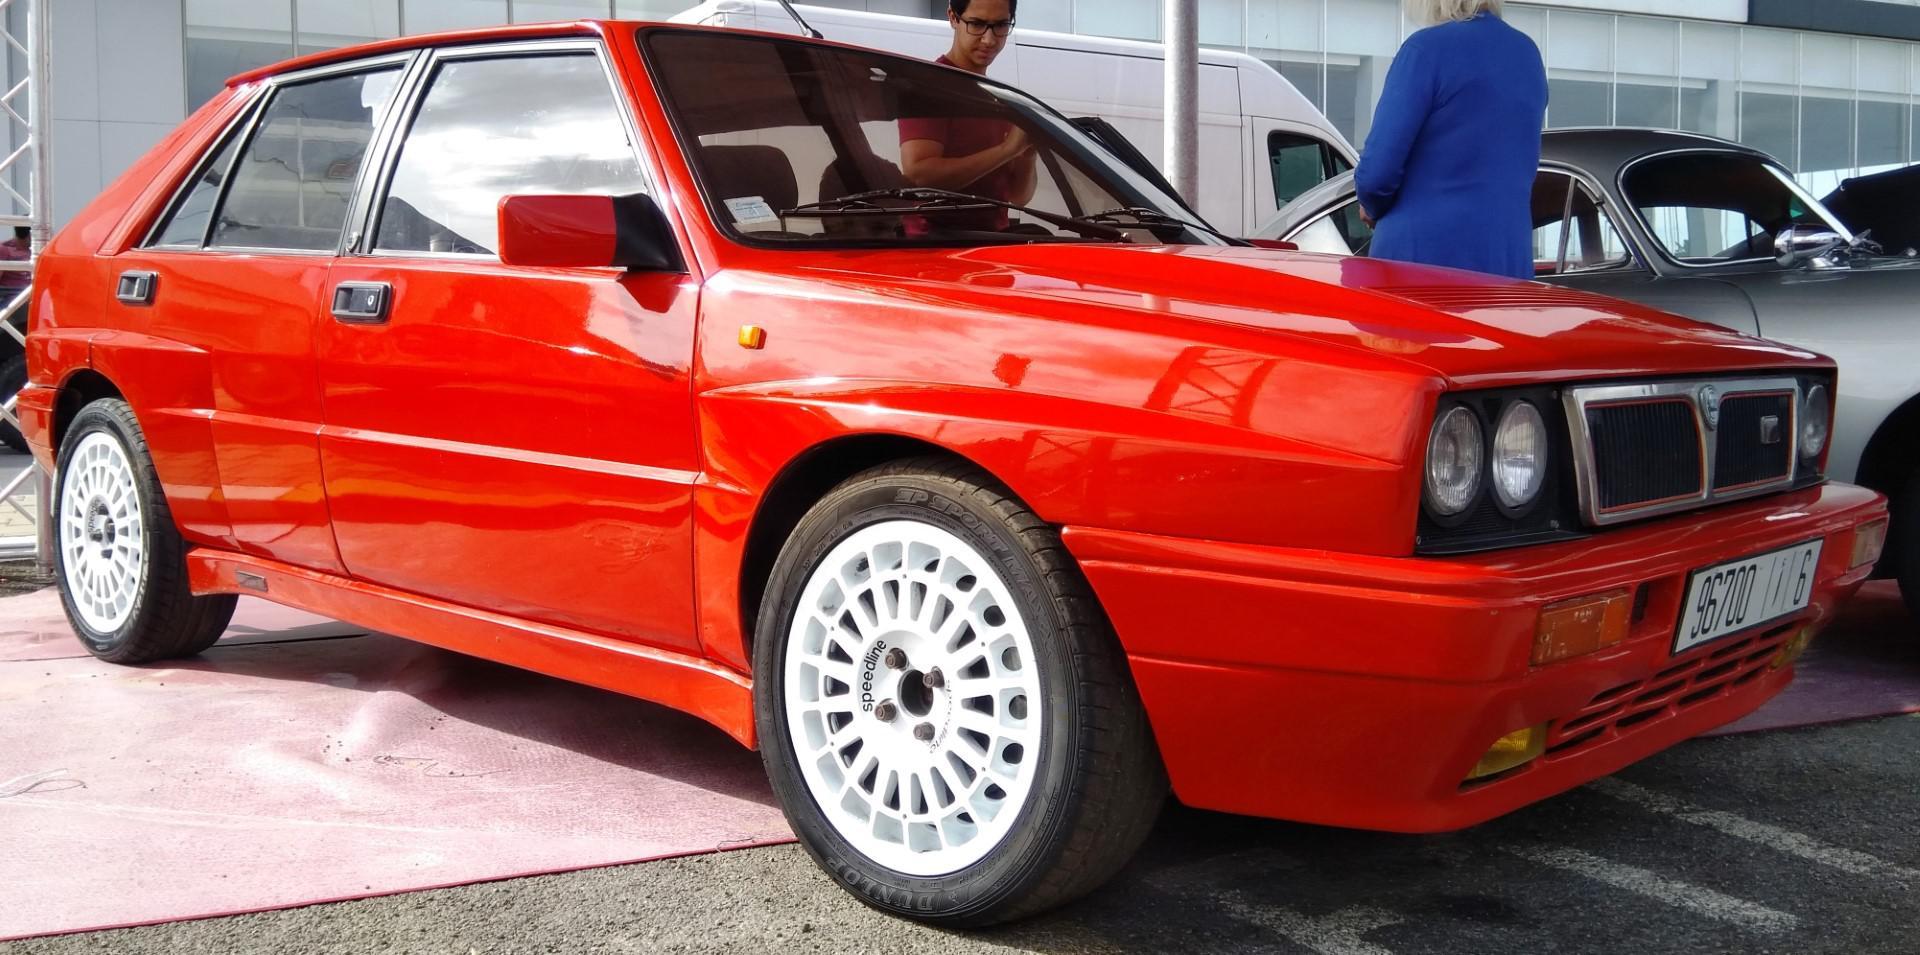 les-voitures-de-sports-du-classic-cars-expo-2019-1137-9.jpg